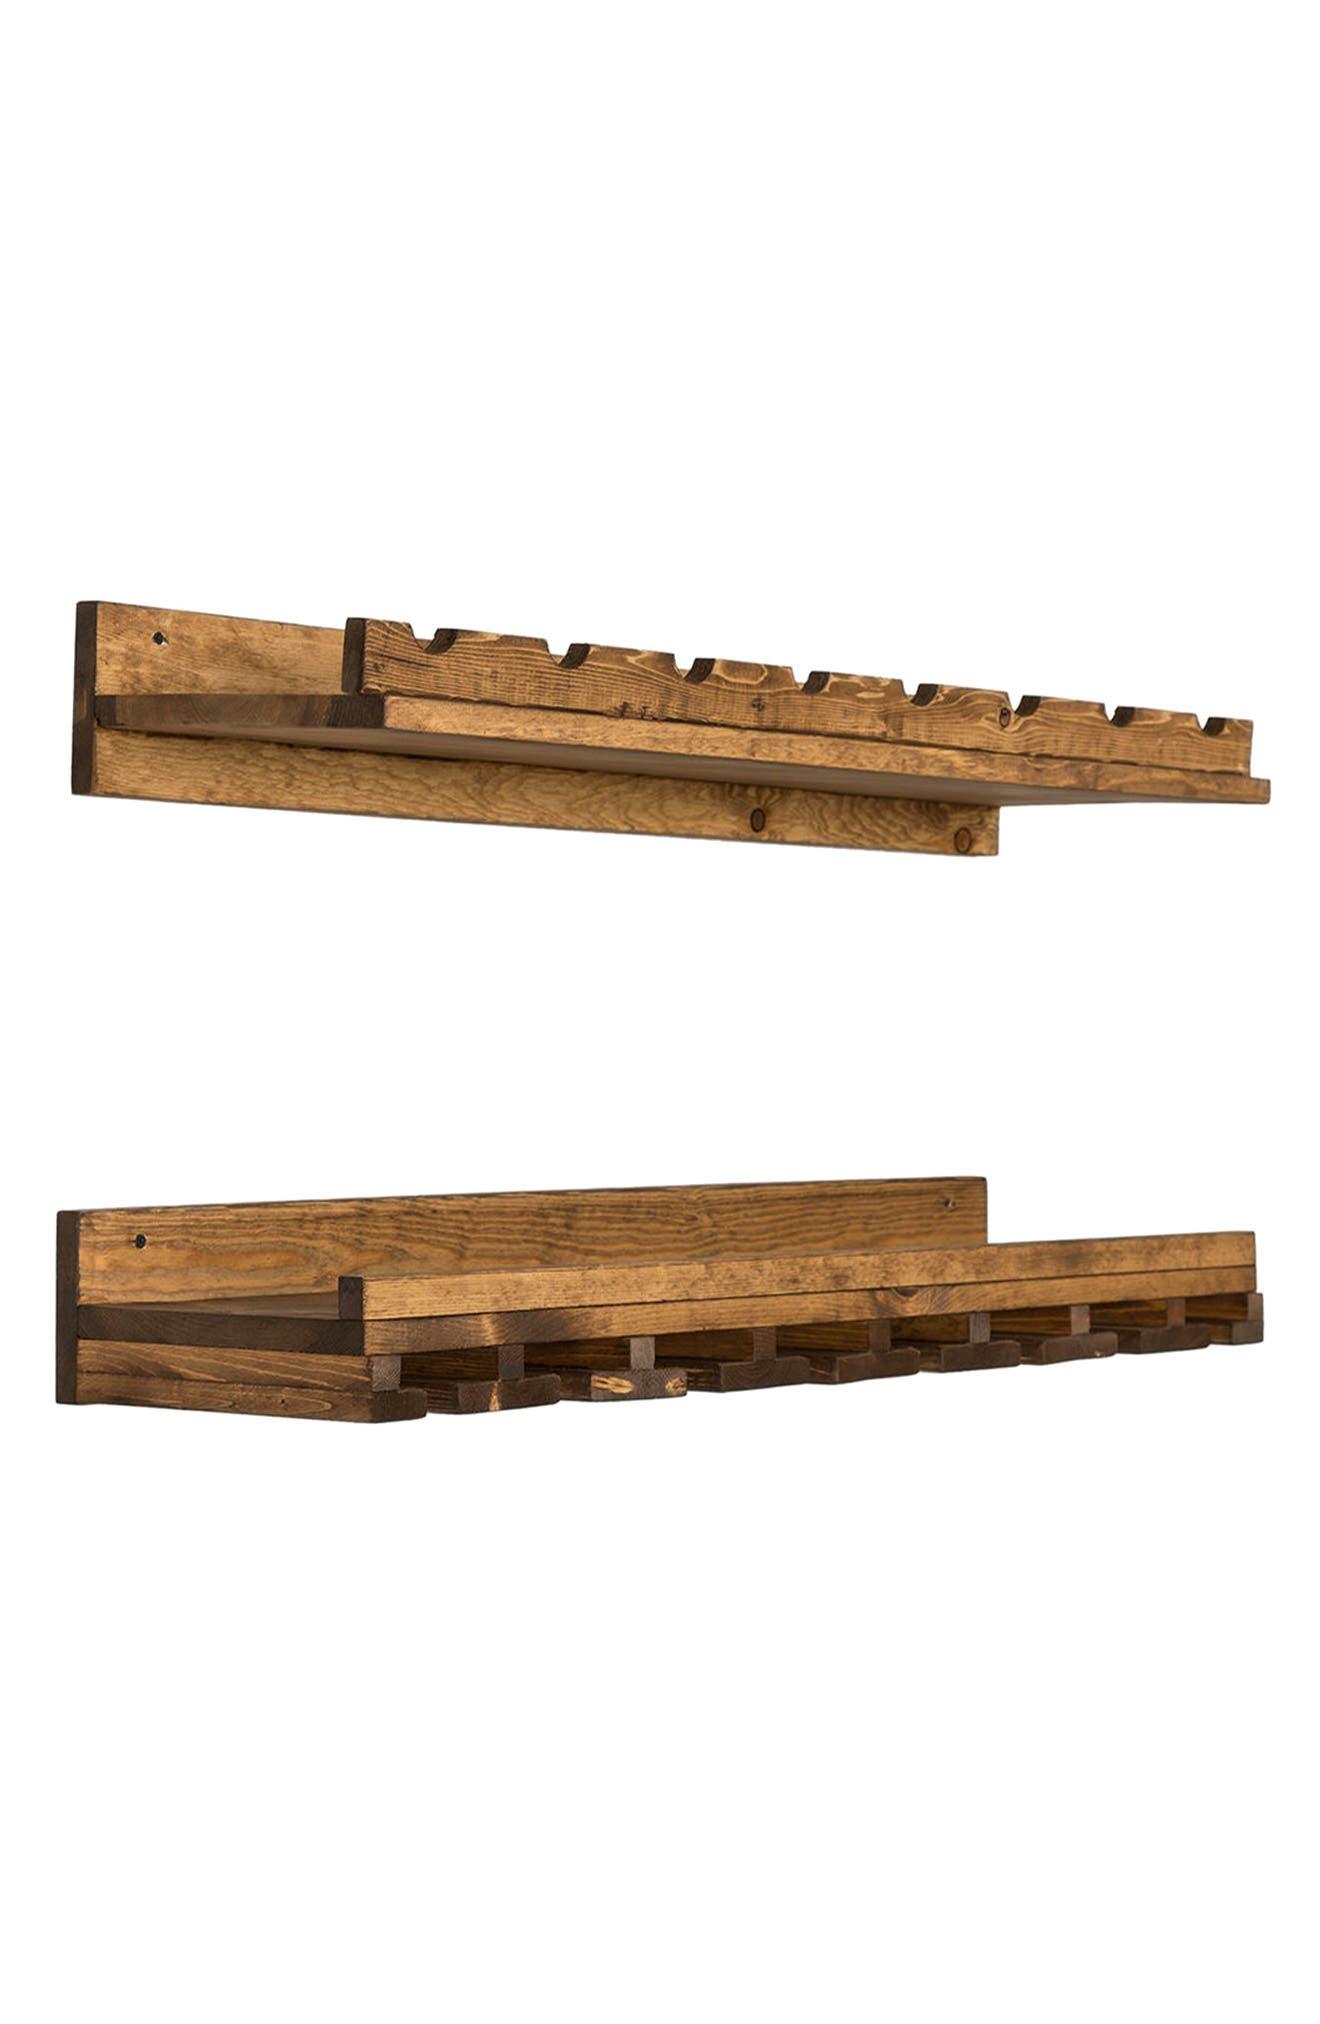 Set of 2 Pine Wood Wine Racks,                             Alternate thumbnail 6, color,                             Dark Walnut